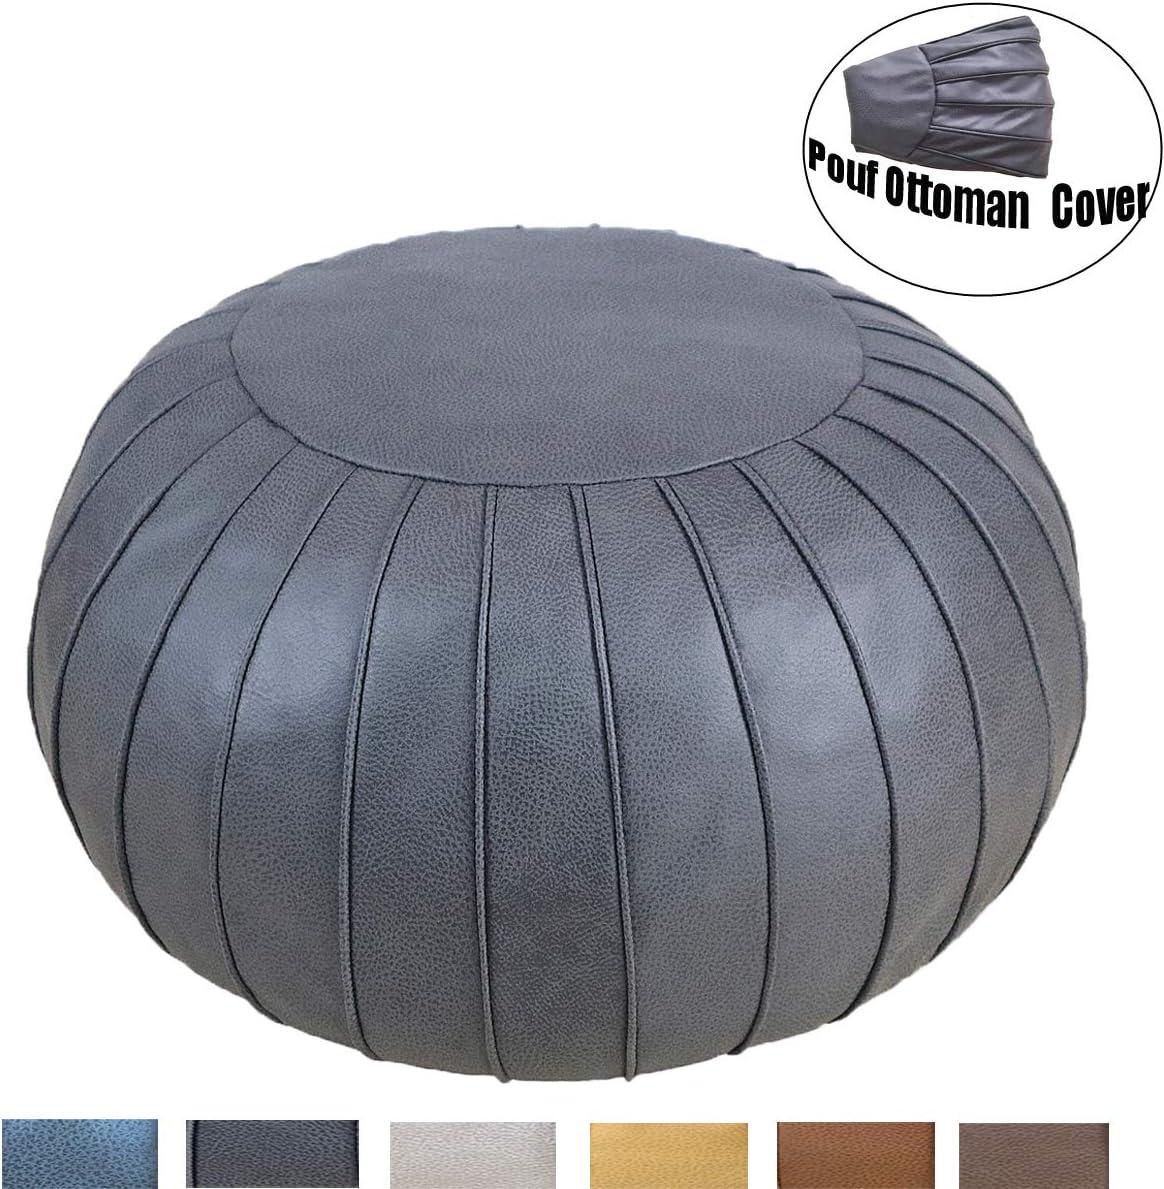 Thgonwid Unstuffed Suede Pouf Footstool Ottoman Handmade Faux Leather Poufs 23